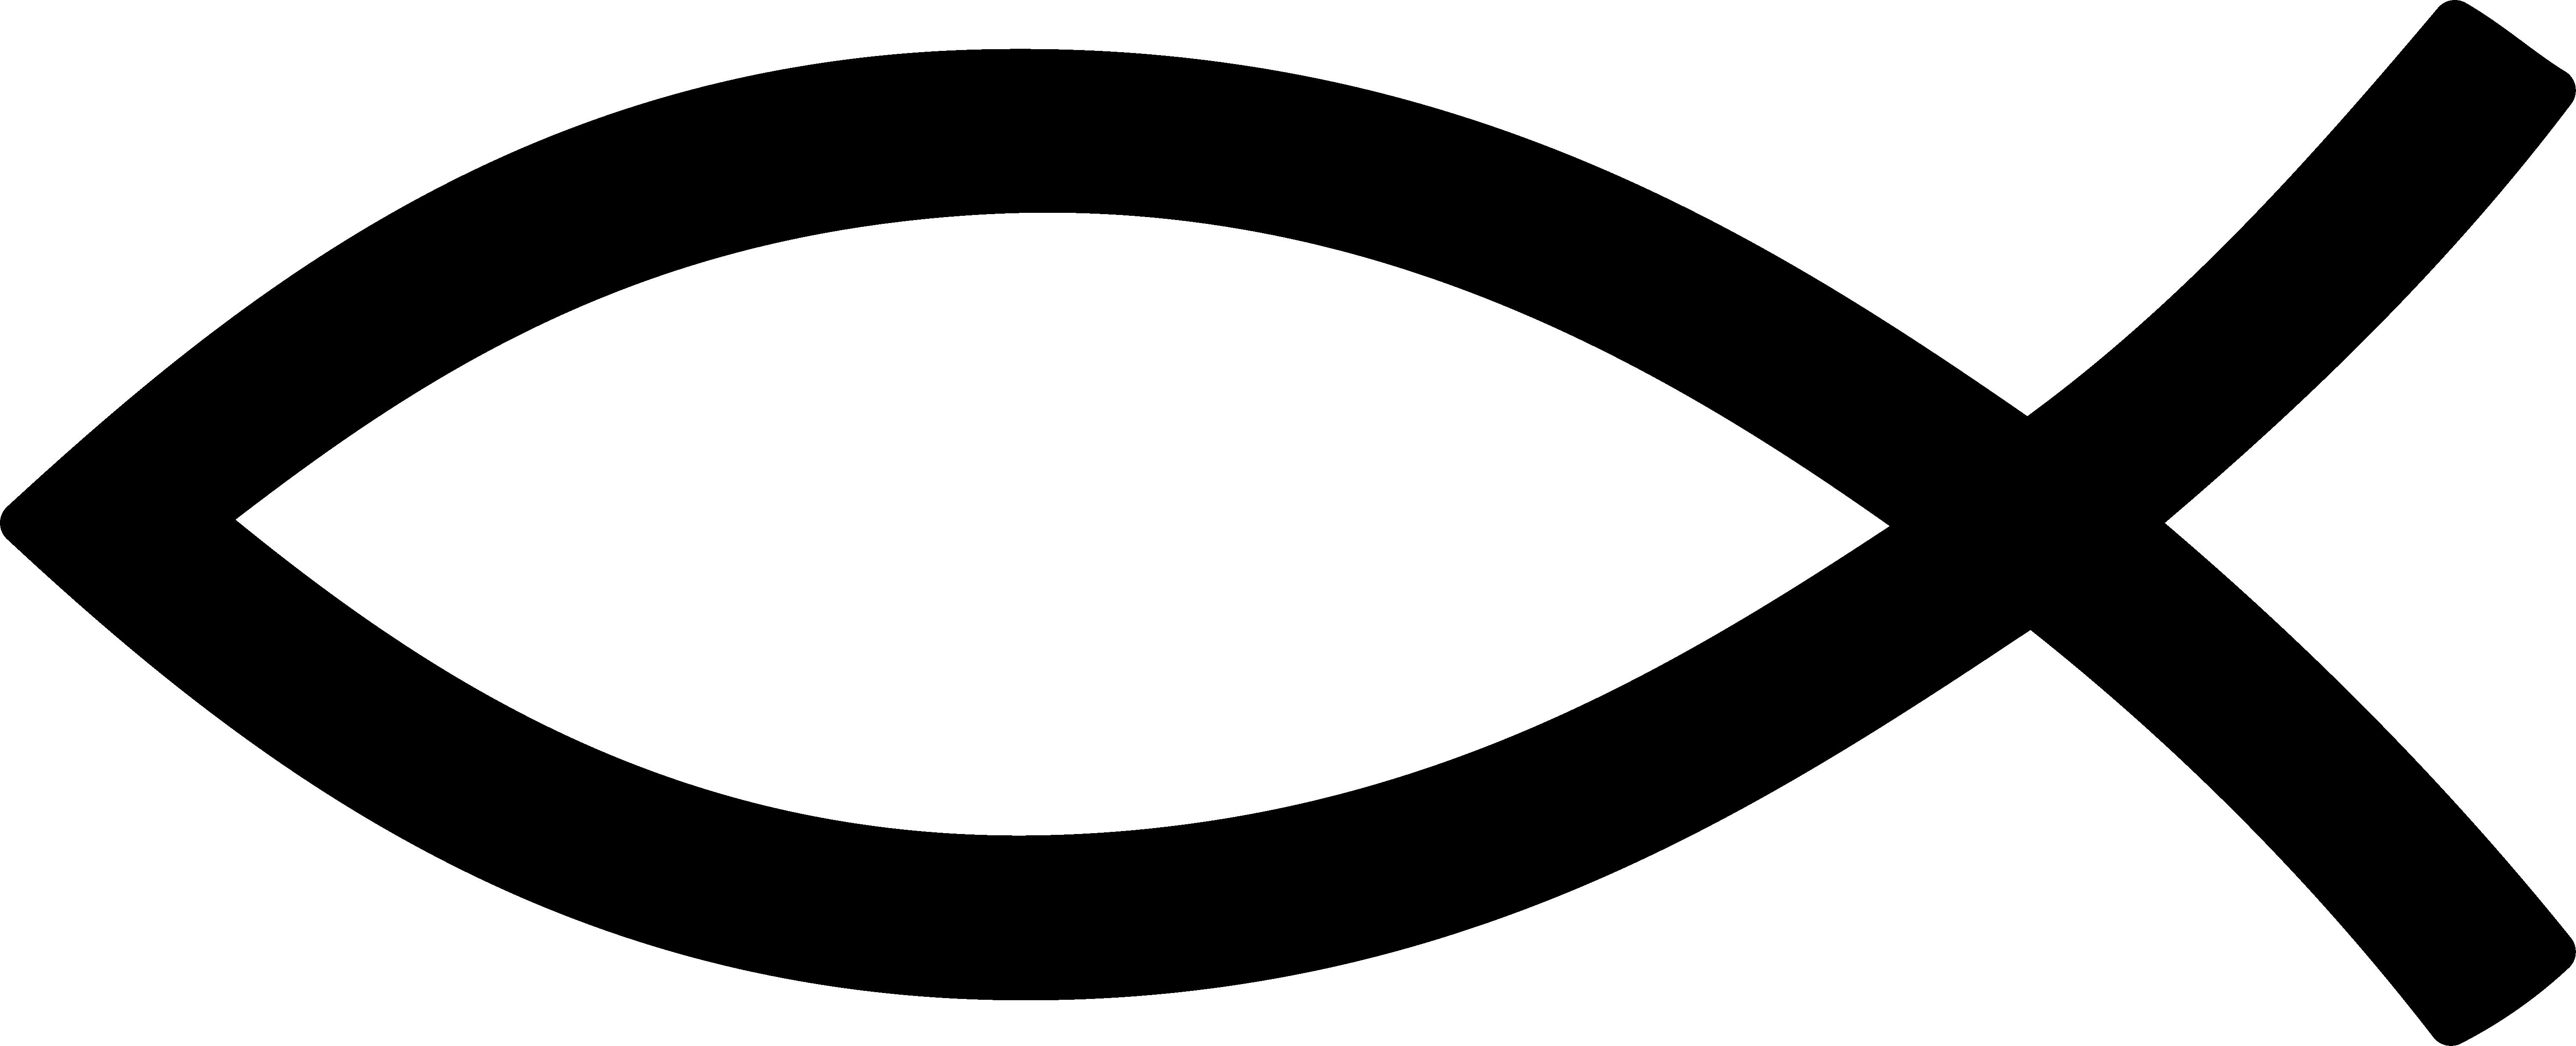 Black Christian Fish Symbol-Black Christian Fish Symbol-4